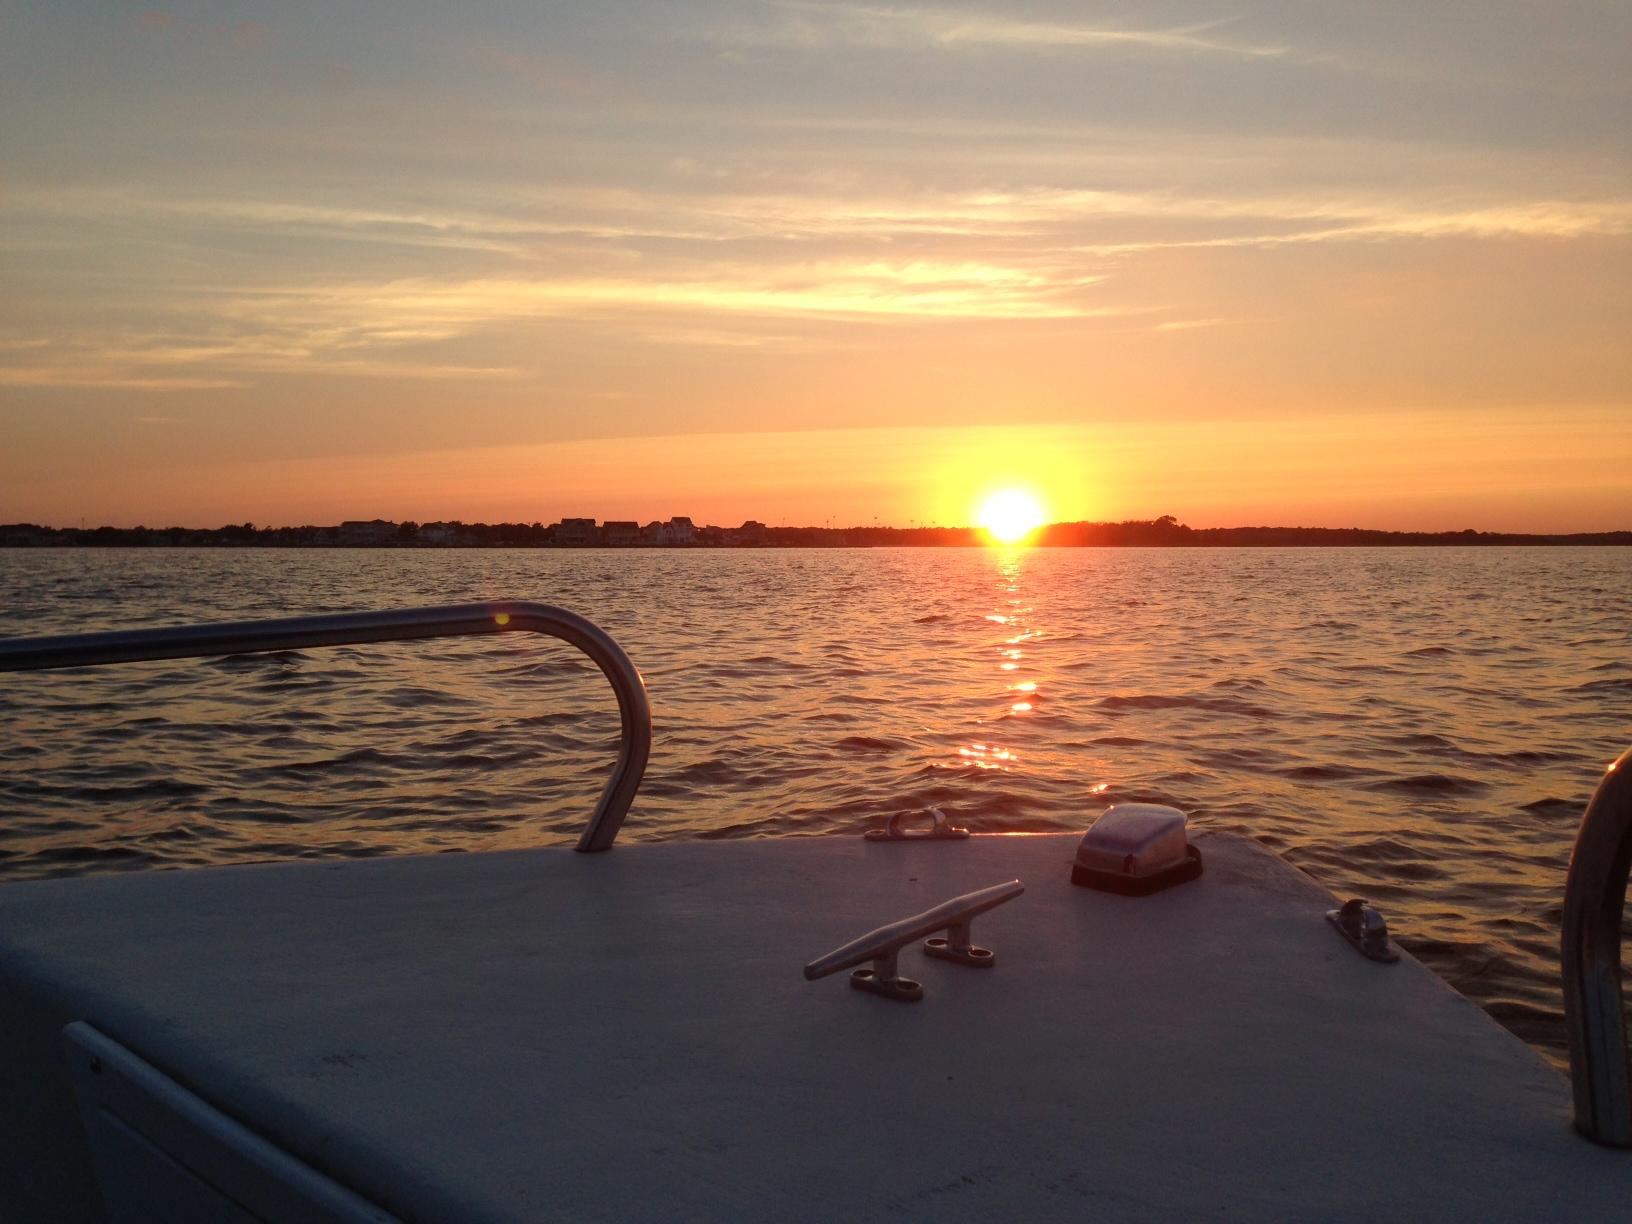 The sun sets over Barnegat Bay in Brick, N.J. (Photo: Daniel Nee)